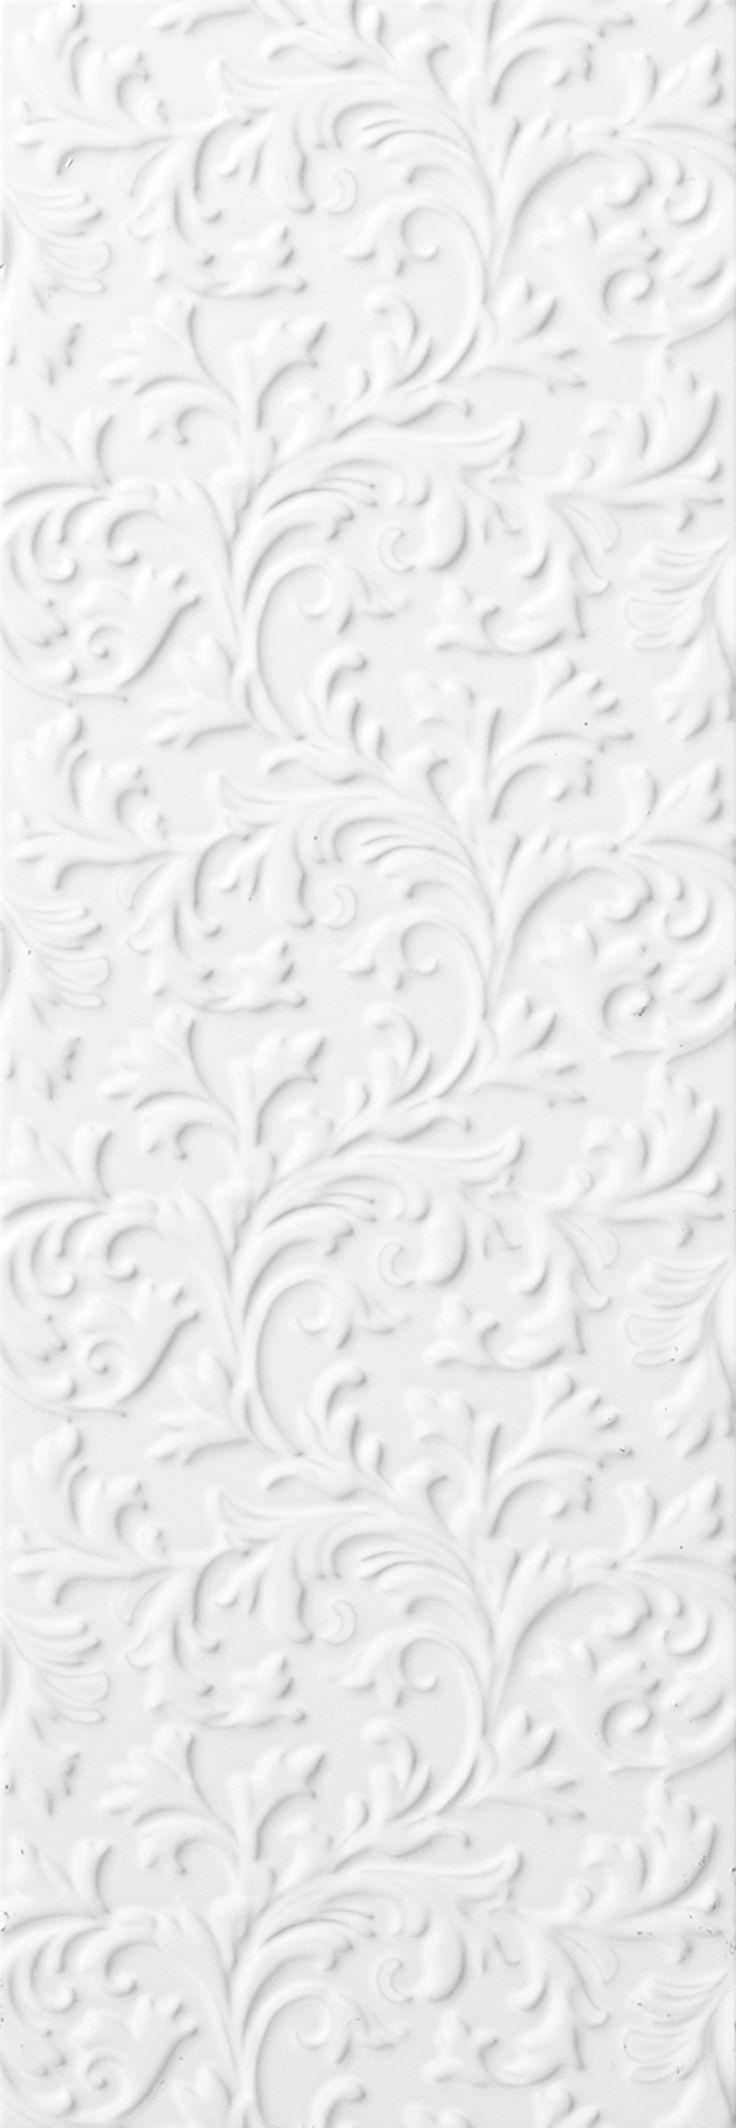 #Aparici #Luxury Talia White Epic 20x59,2 Cm | #Feinsteinzeug #Marmor